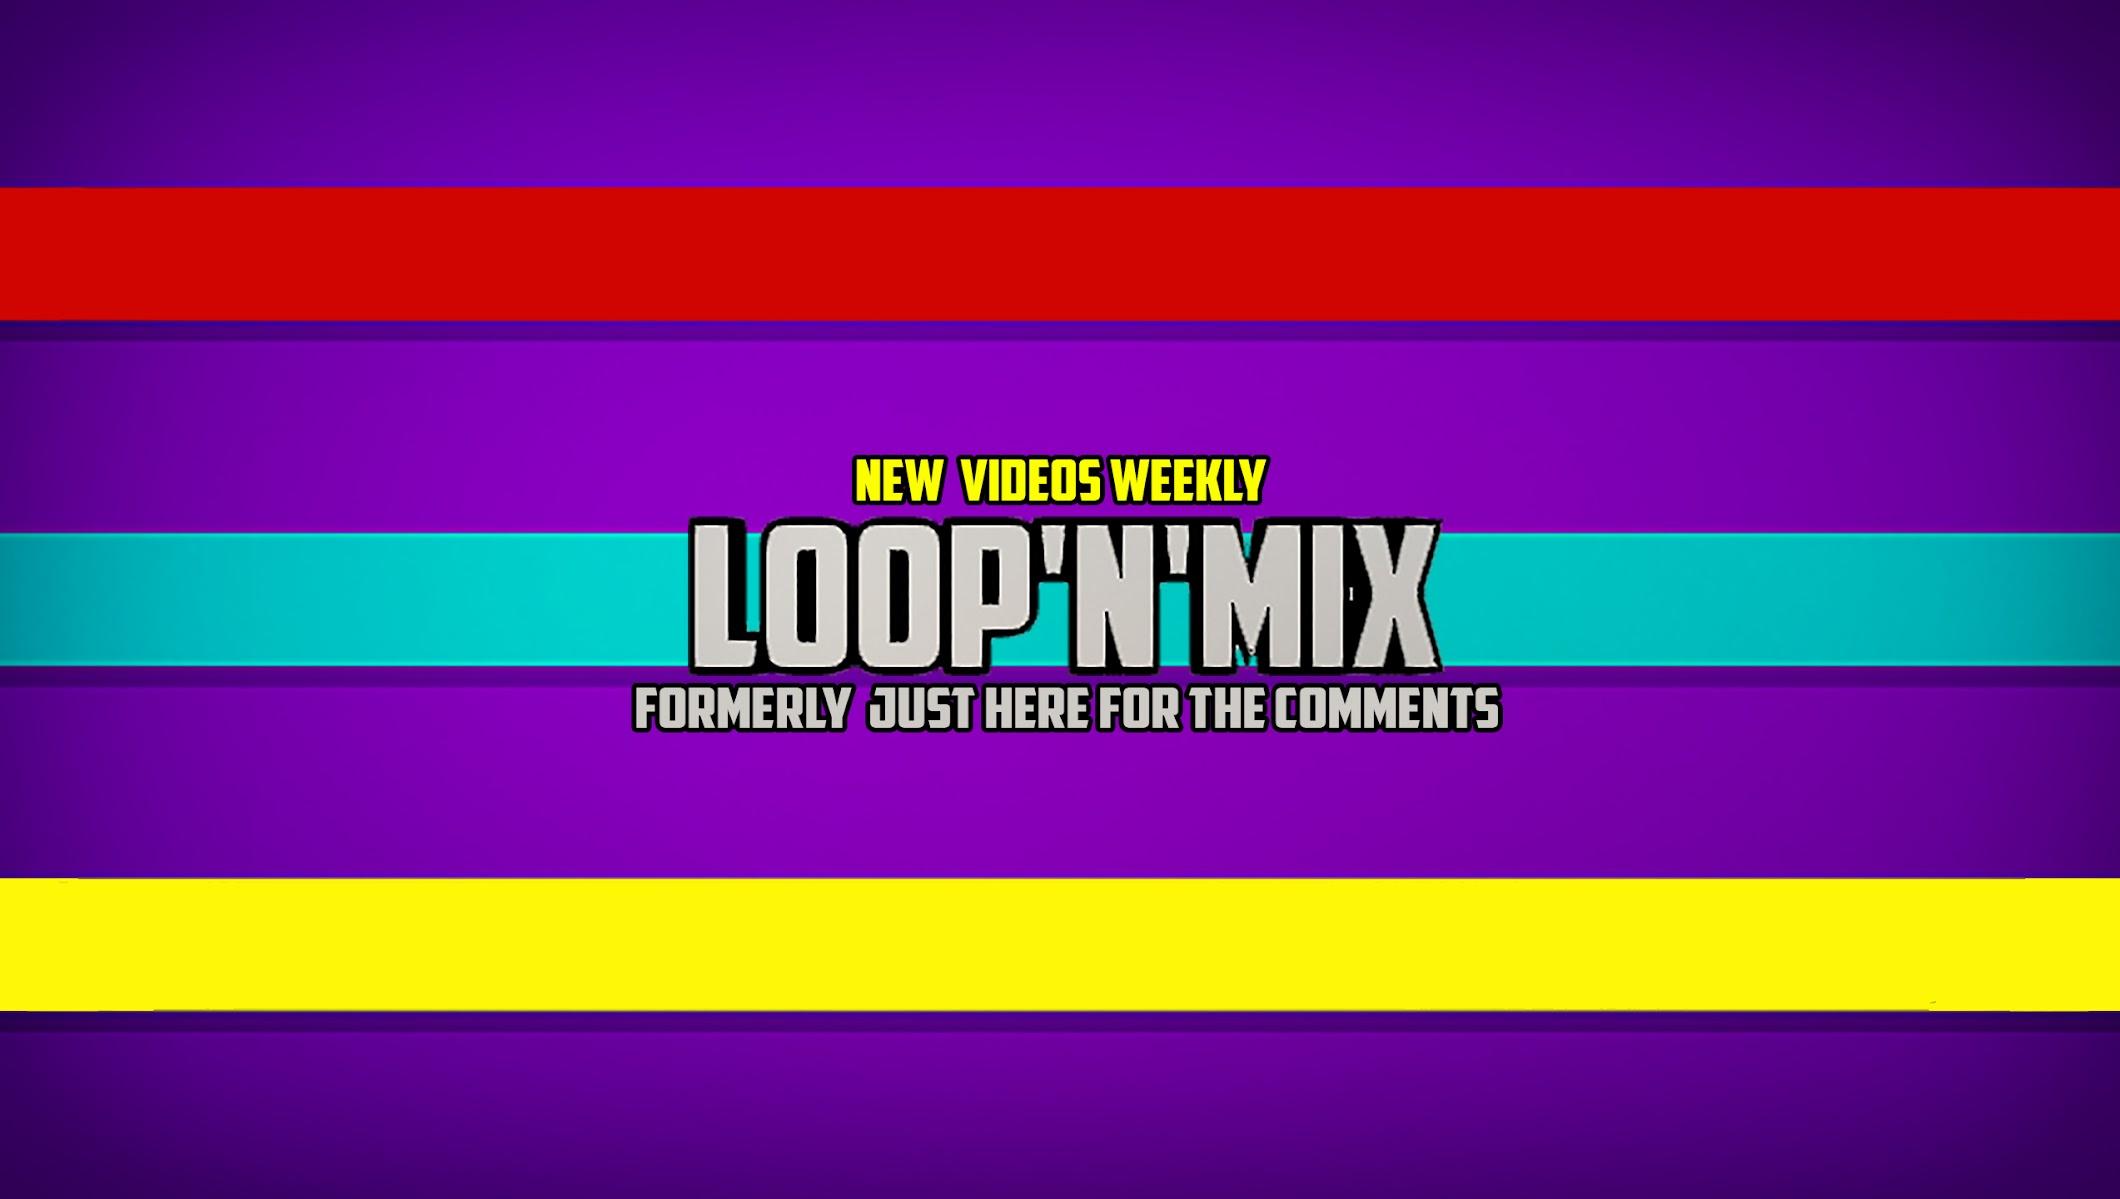 Loop'n'Mix Video Remixes